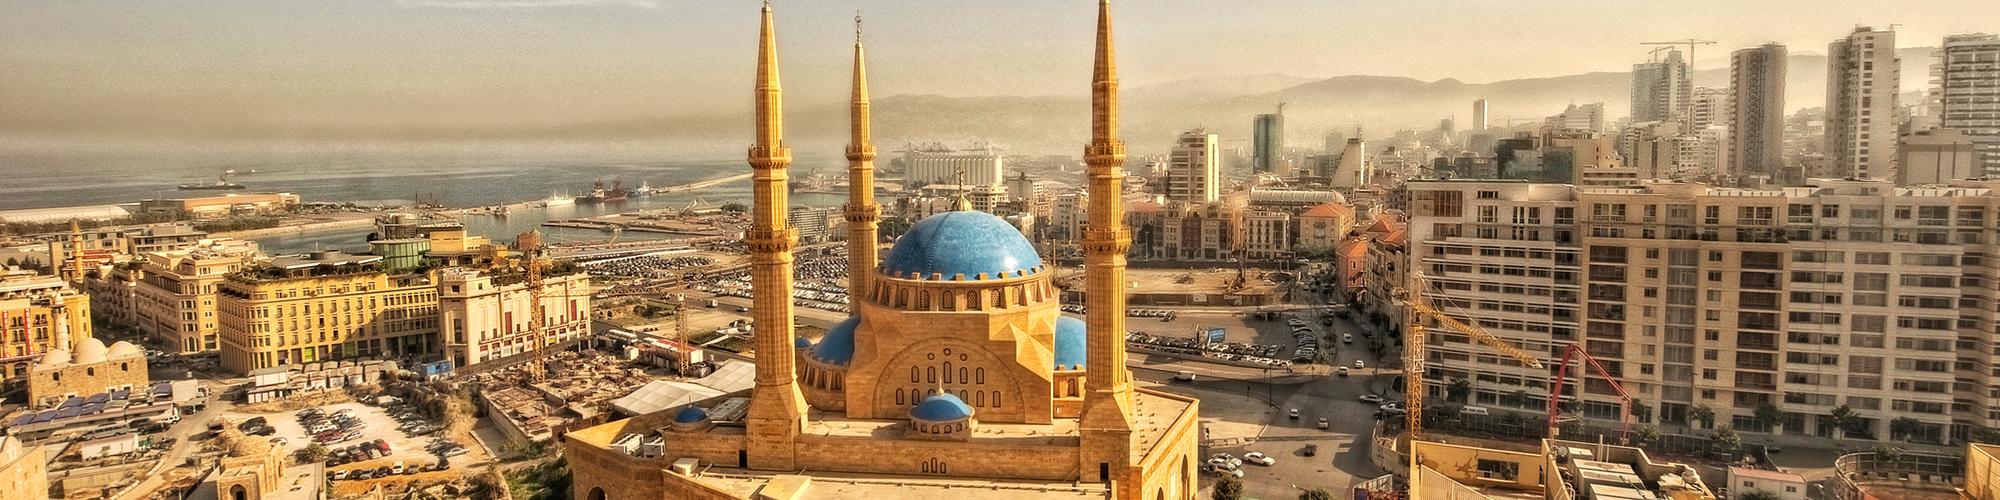 Un viaje a Fenicia: Líbano - El Pais Viajes